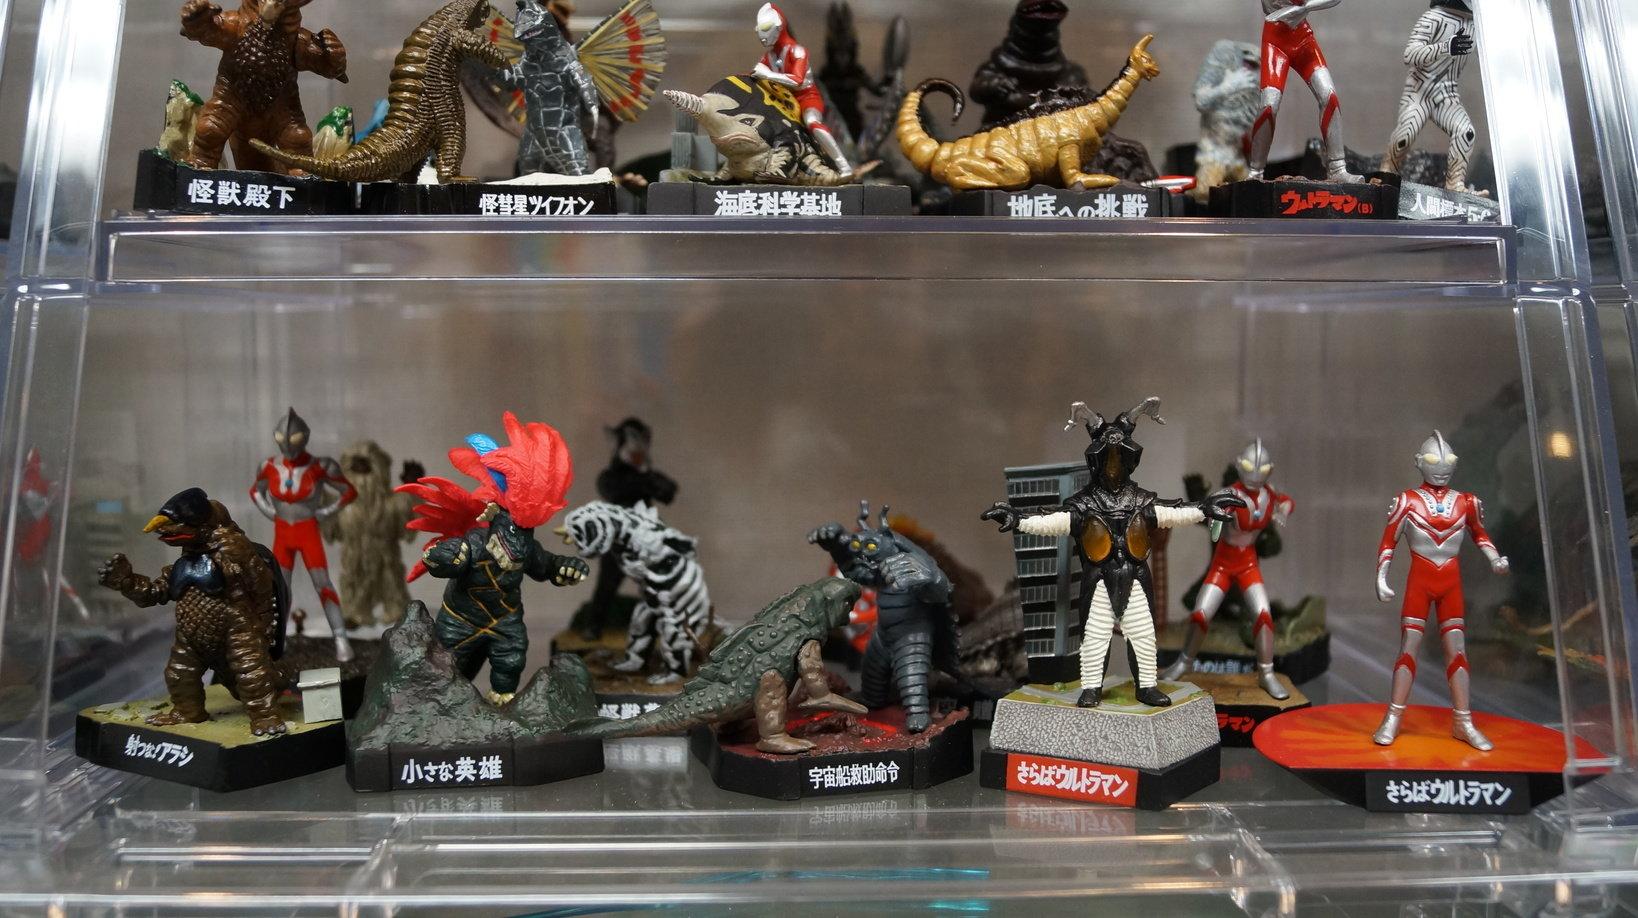 約1000体のフィギュアが展示されています。自分の好みの怪獣を探すのが楽しい